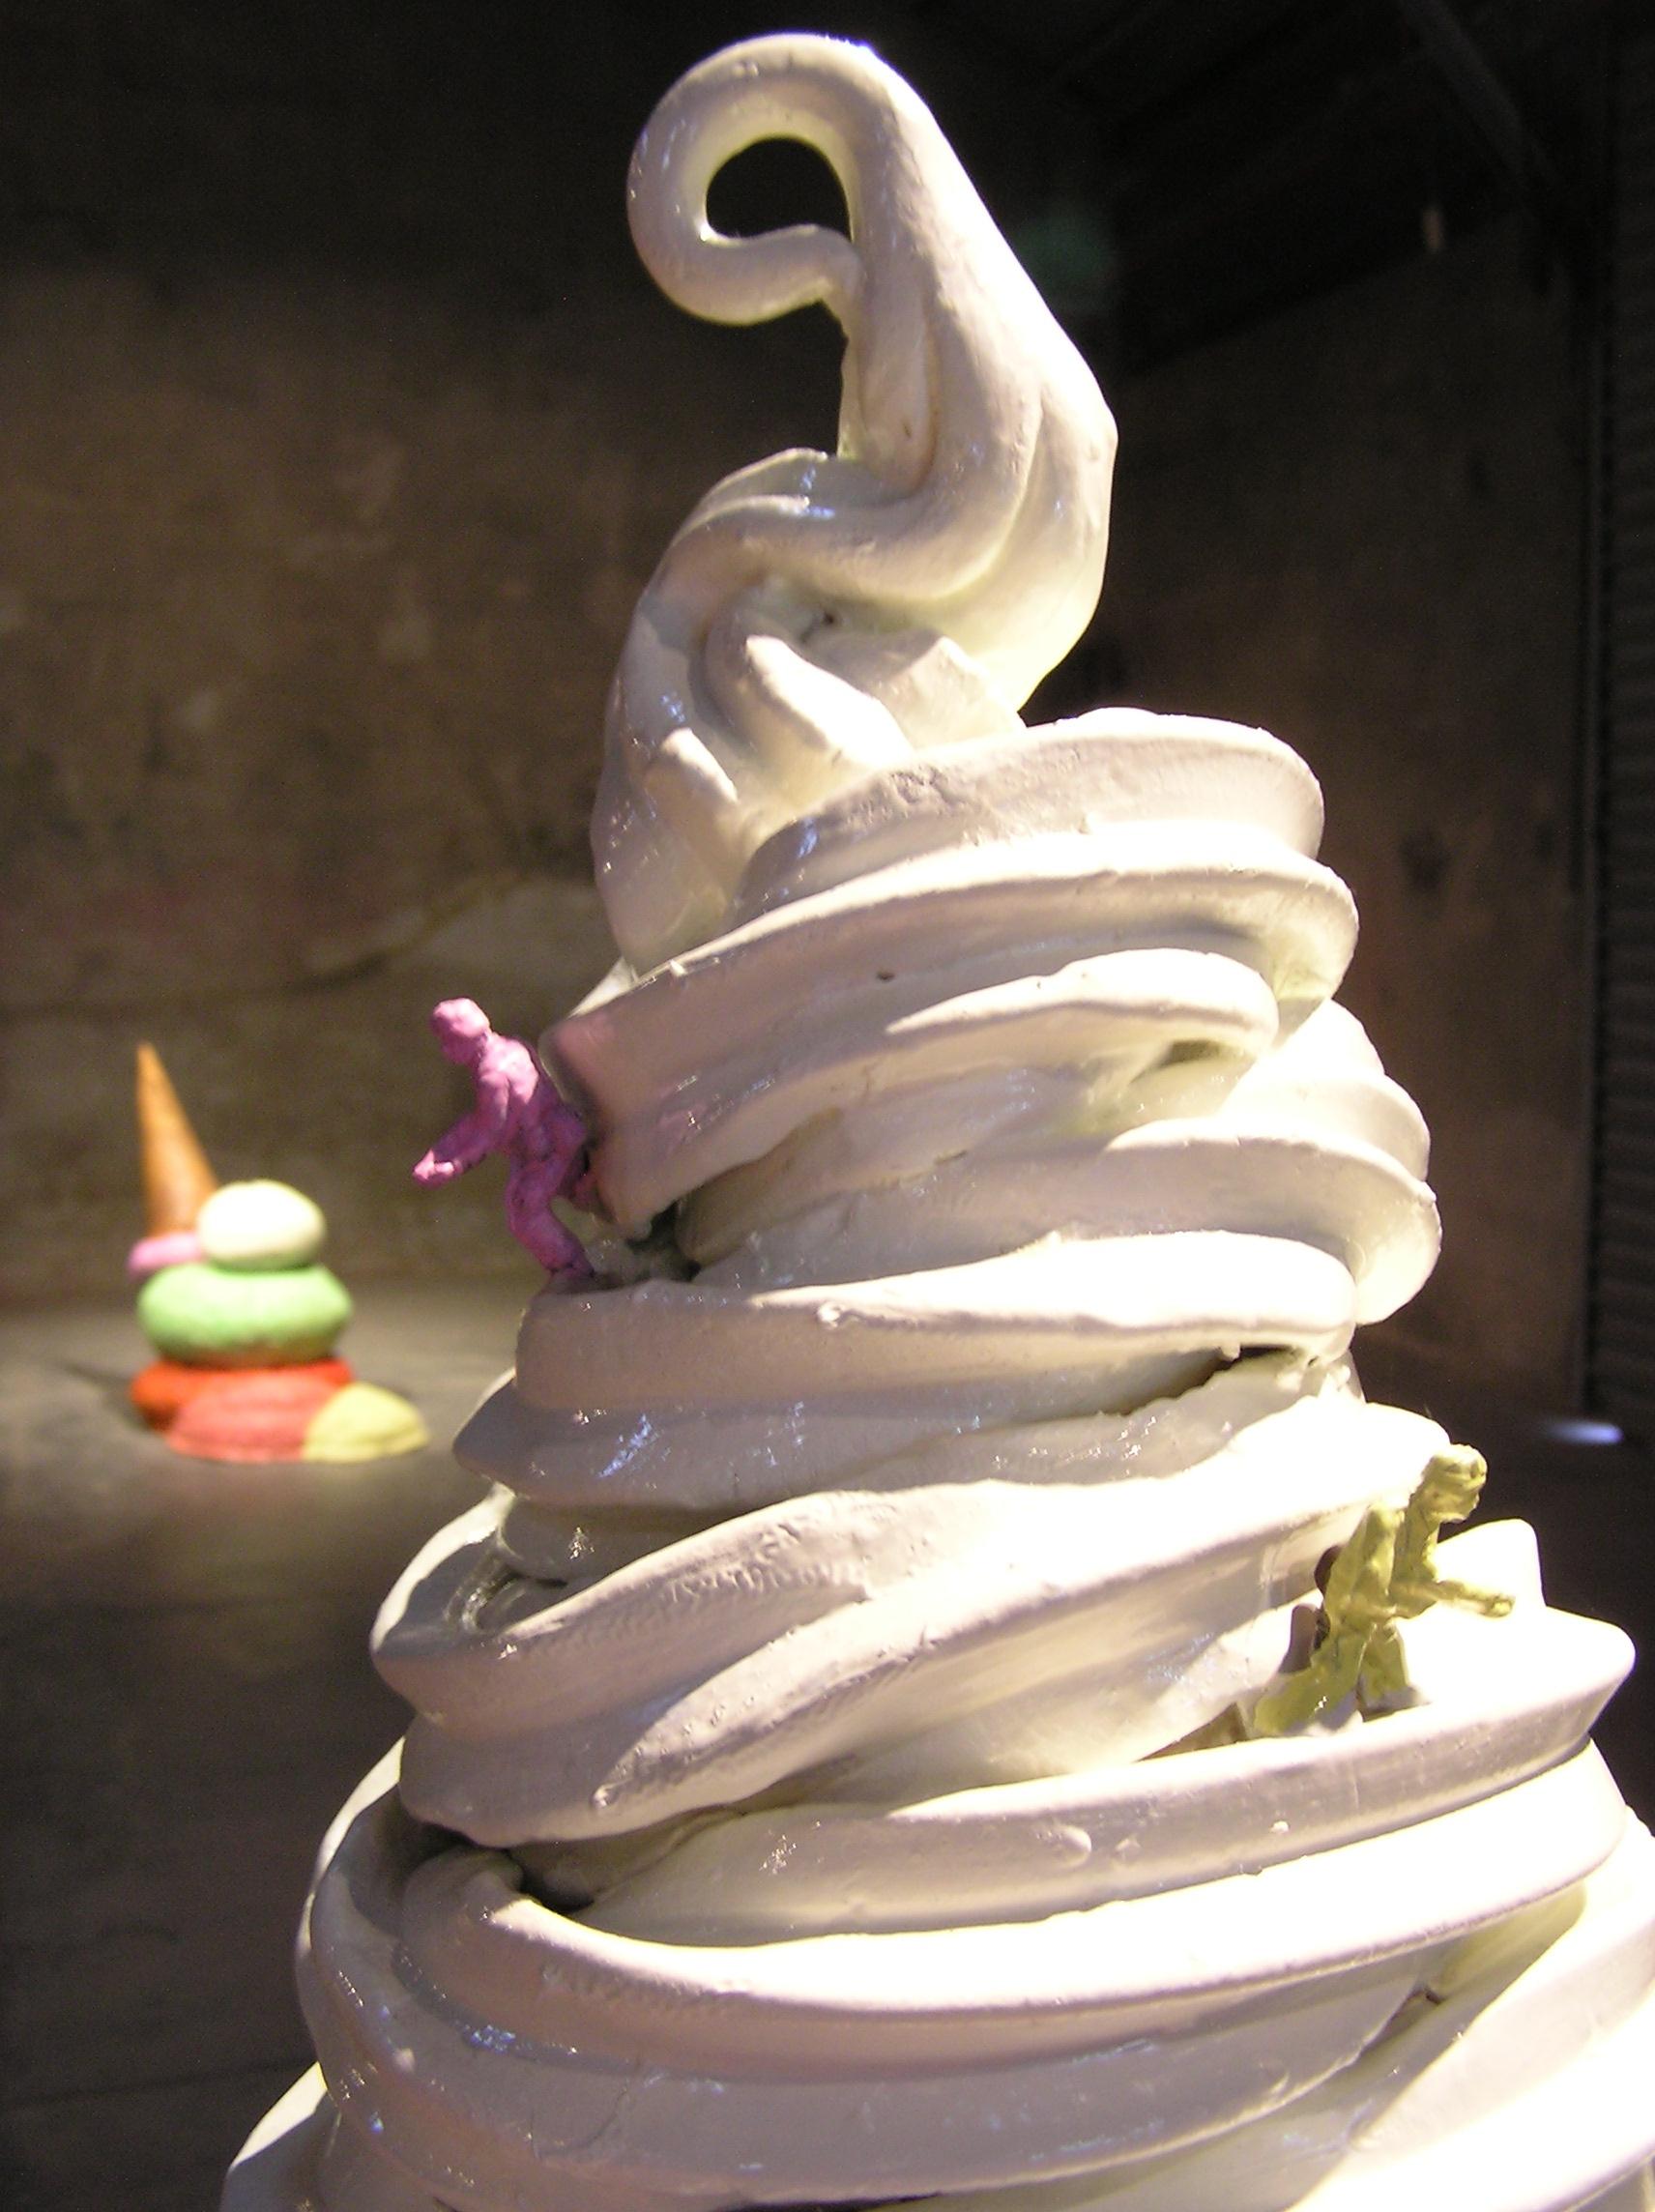 眼睛吃冰淇淋 這麼好康在哪裡